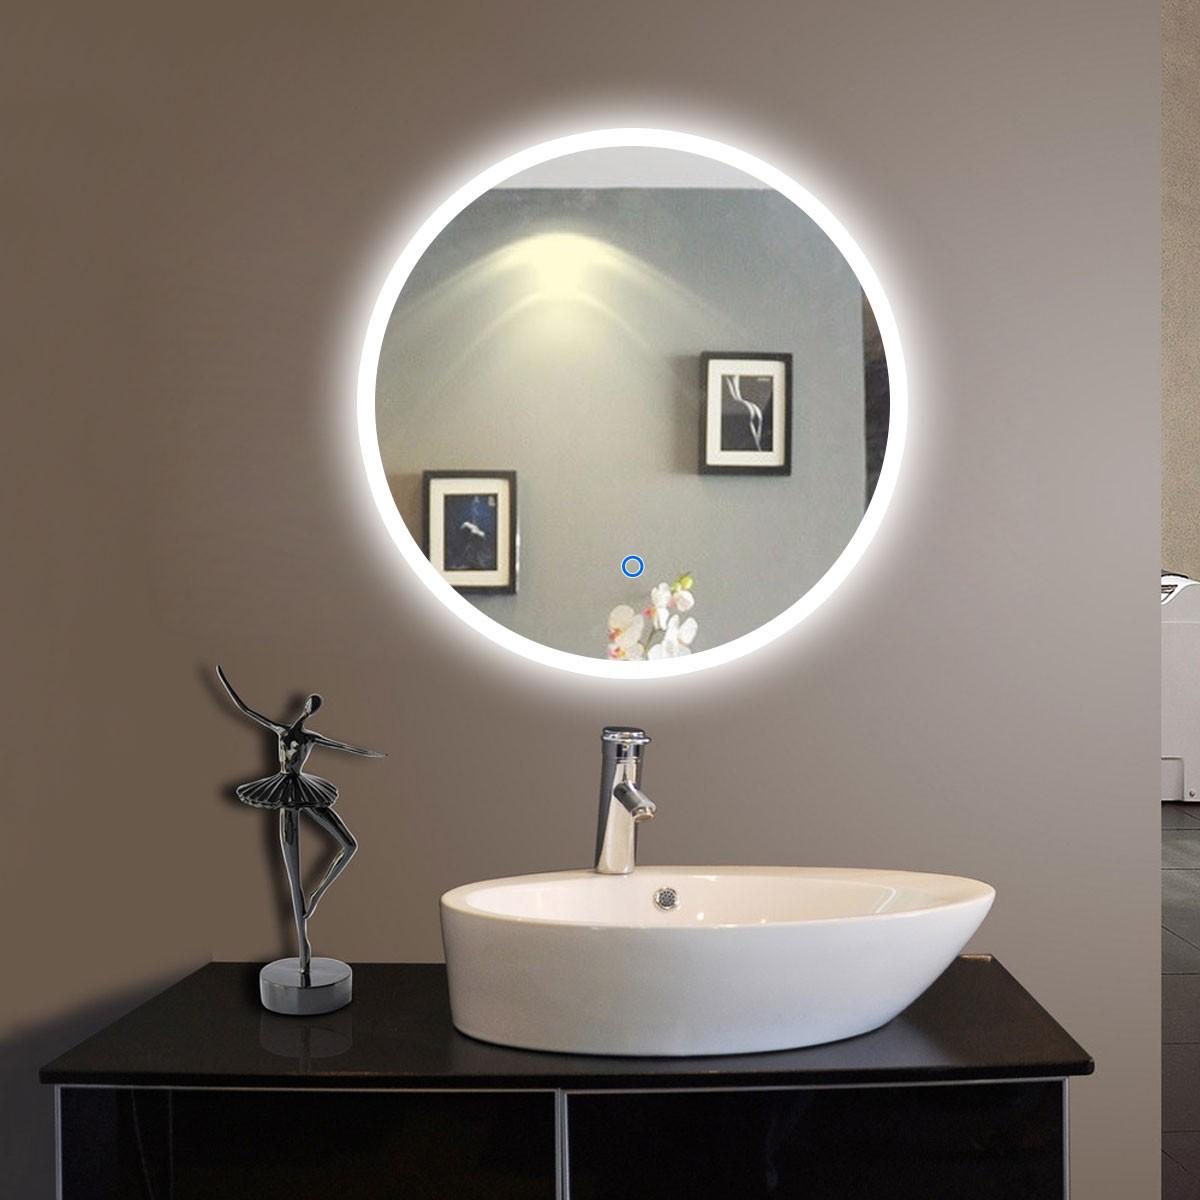 24 x 24 po Miroir LED Rond Argenté de Salle de Bains avec l